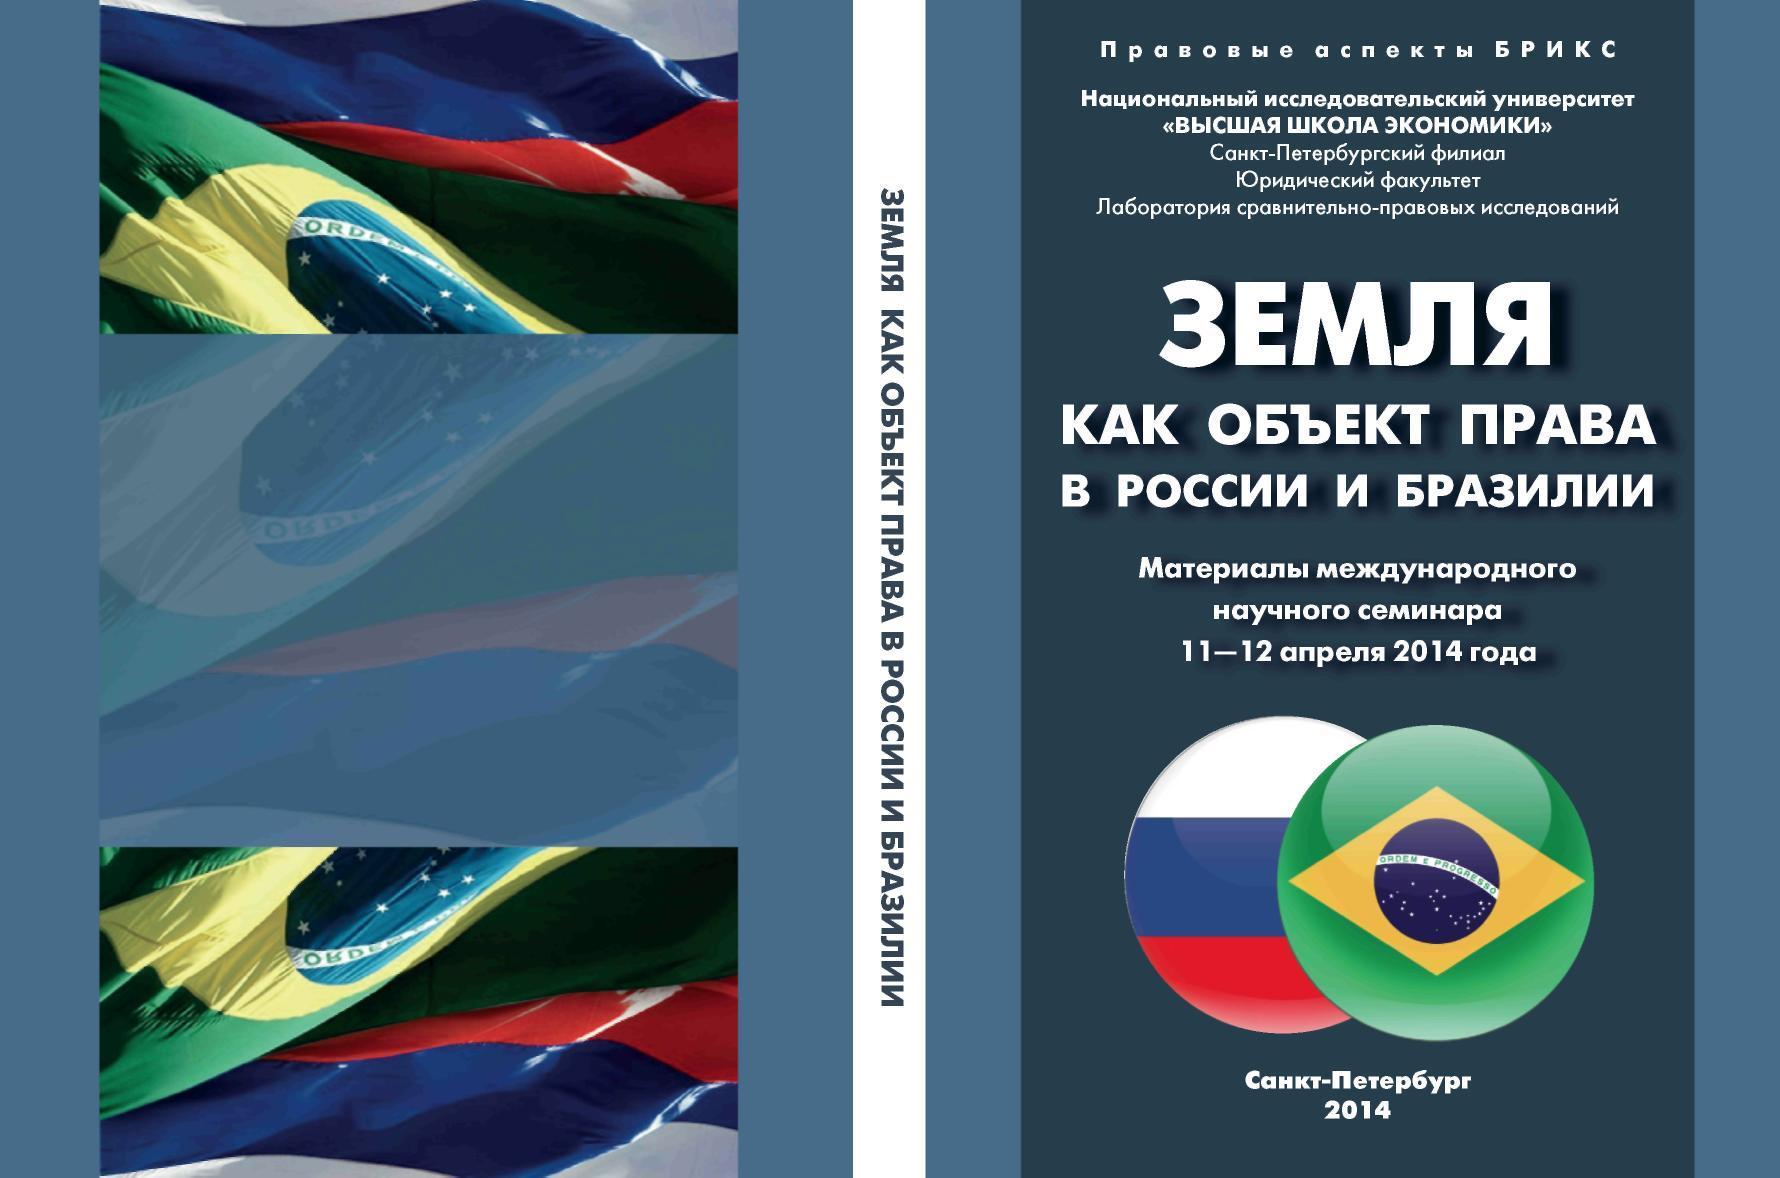 Земля как объект права в России и Бразилии. Материалы международного научного семинара, 11-12 апреля 2014 года